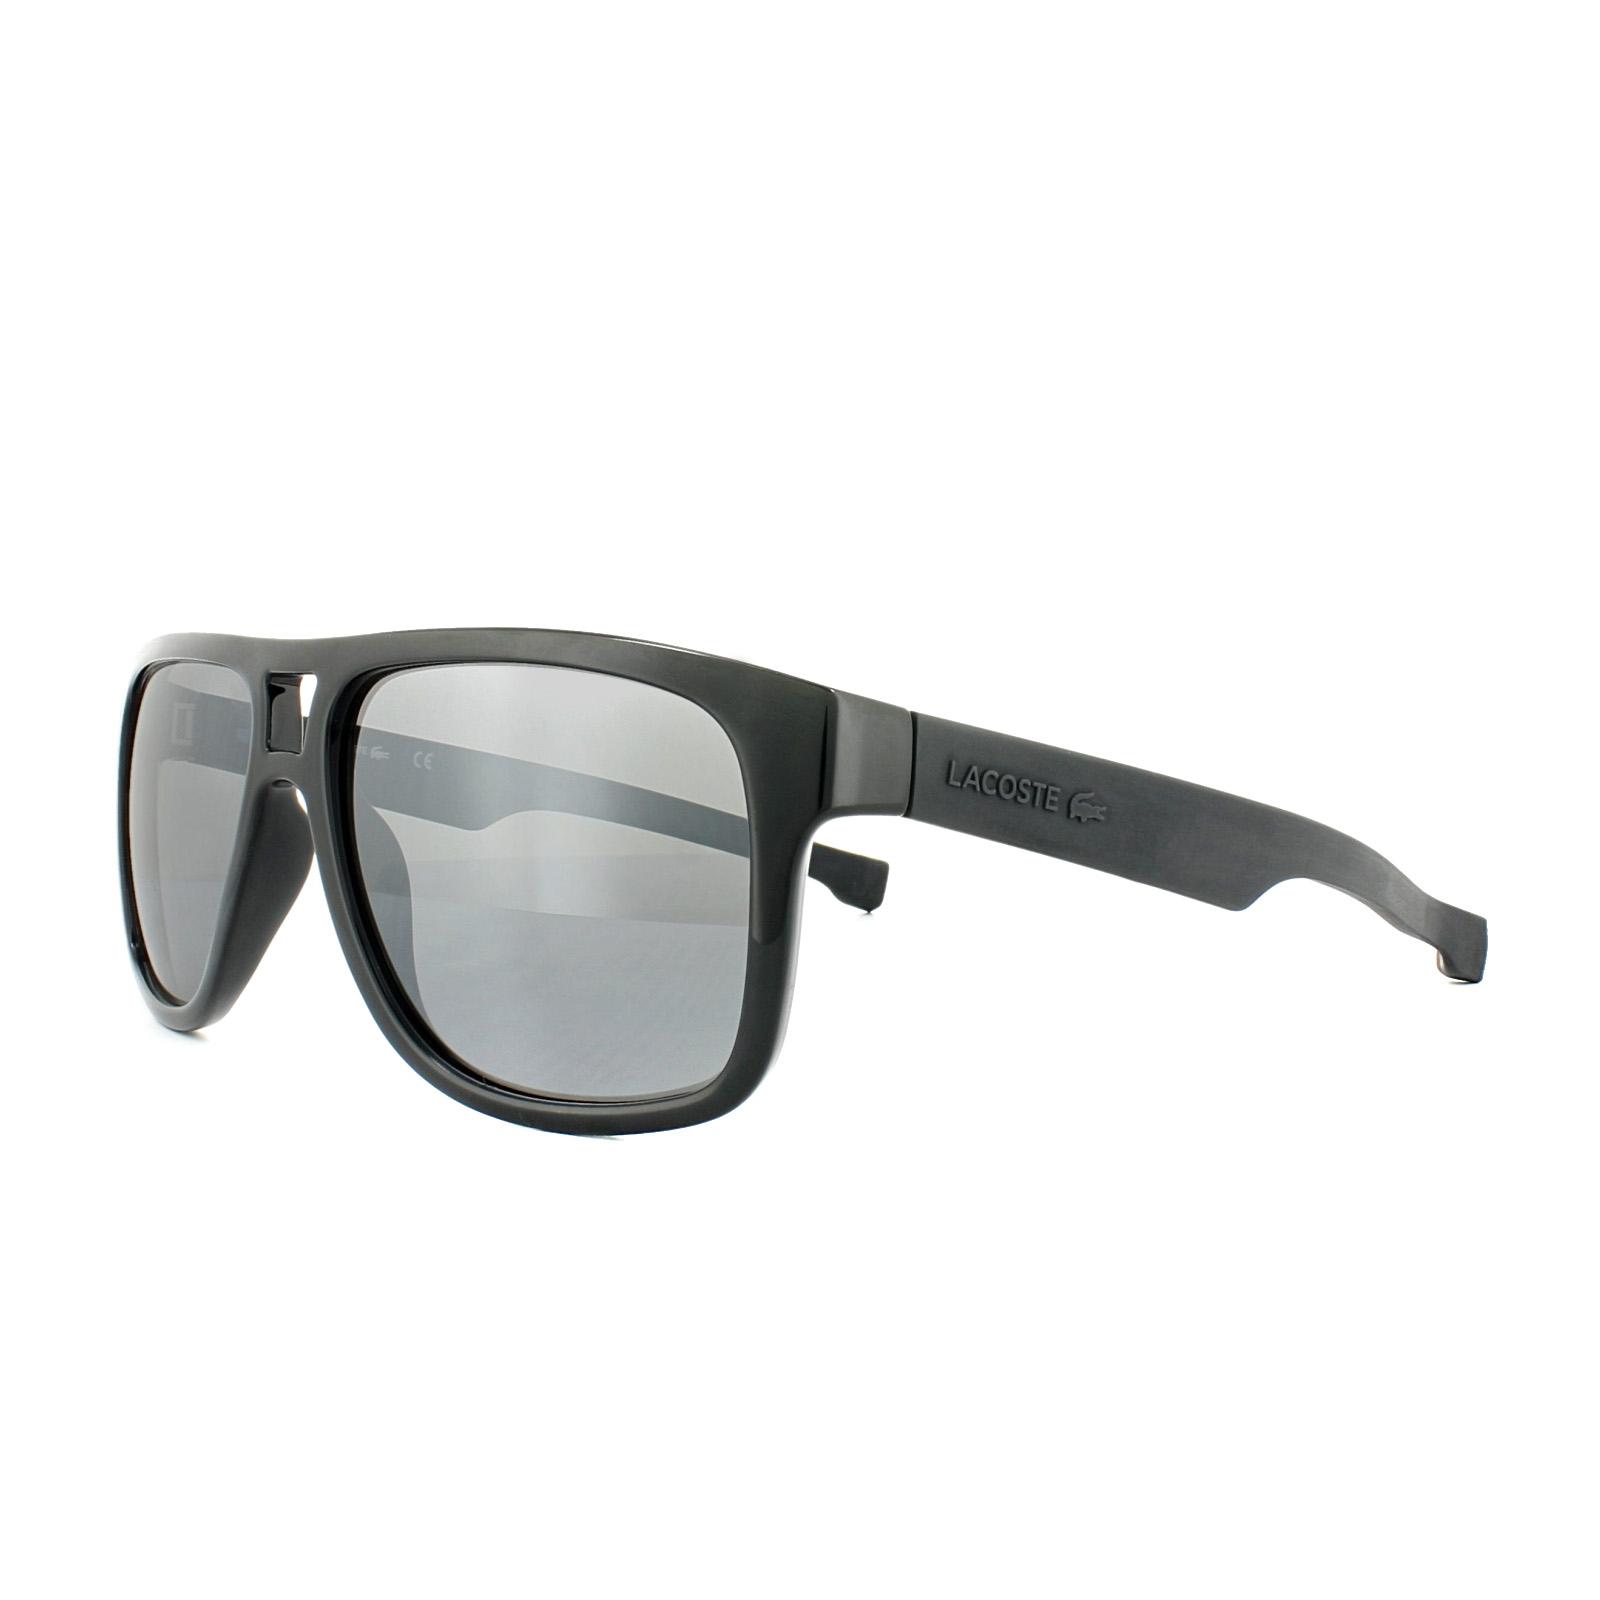 c7dce832578d Lacoste Sunglasses L817S 001 Black Grey Gradient 886895264471